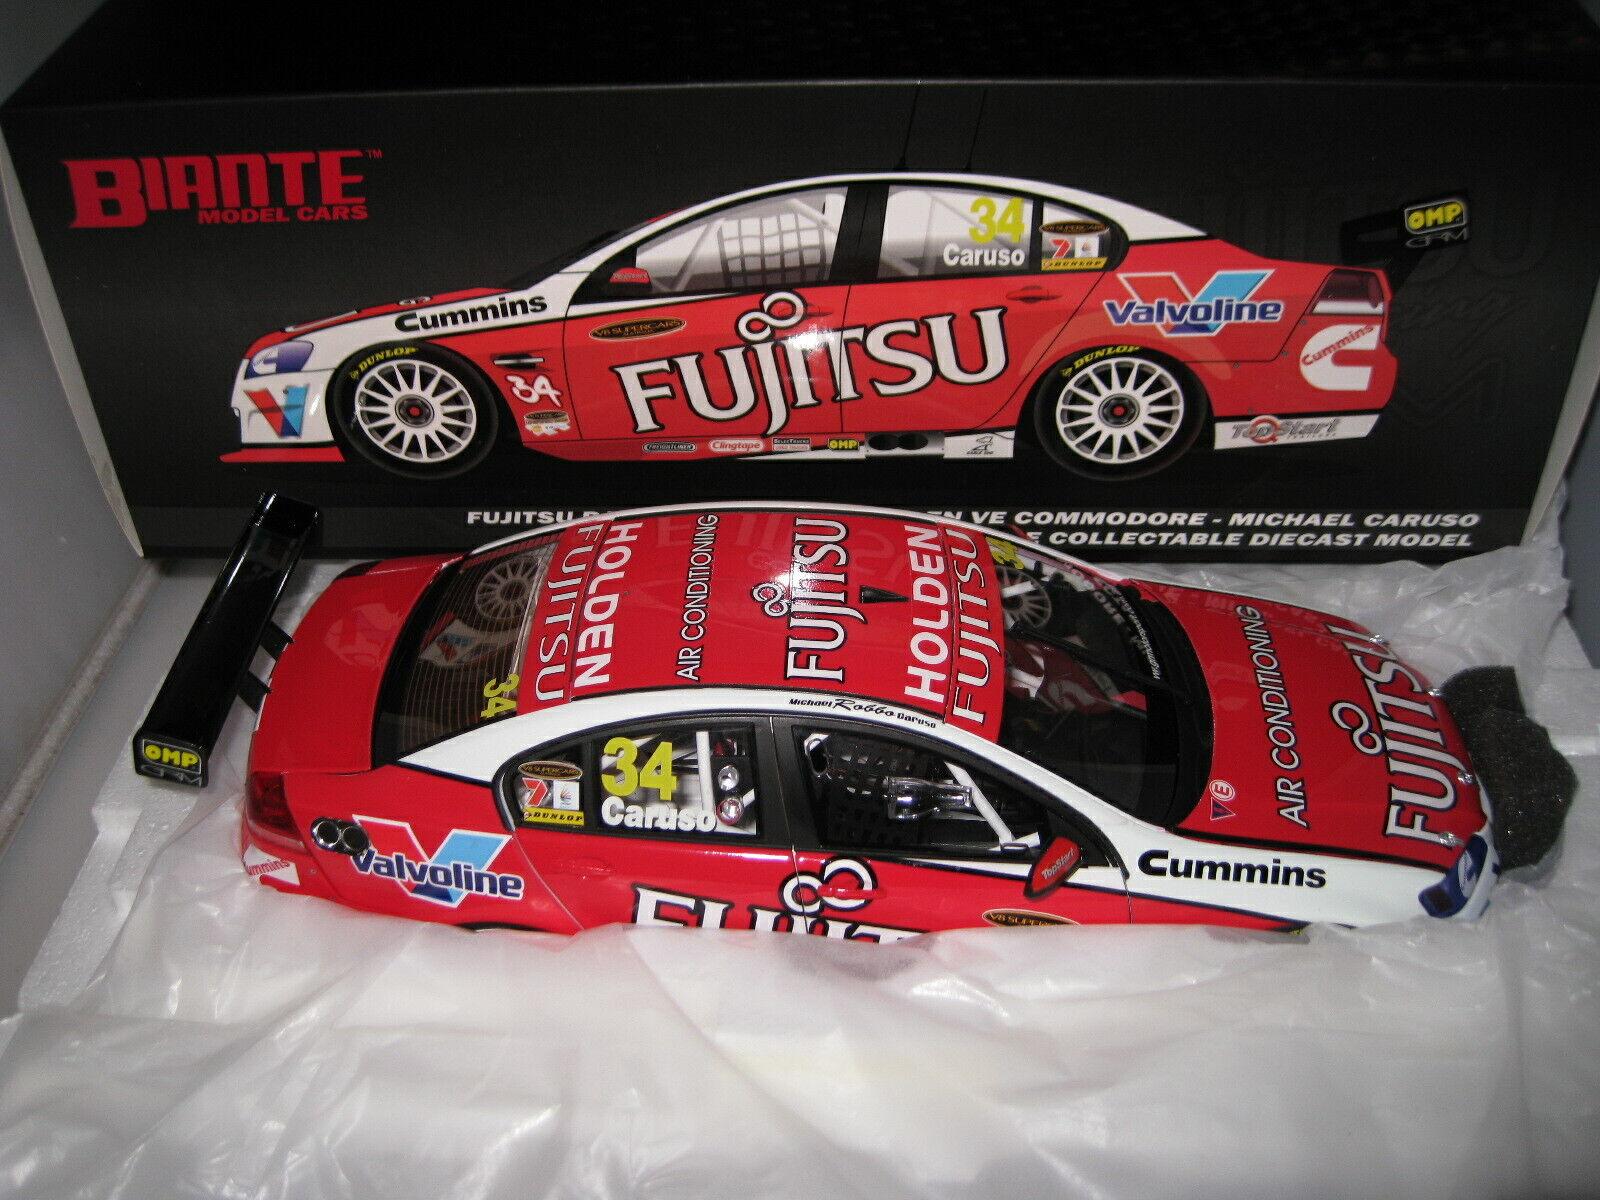 1//18 BIANTE 2010 HOLDEN VE COMMODORE V8 SUPERCAR FUJITSU GRM #34 CARUSO #B18301S